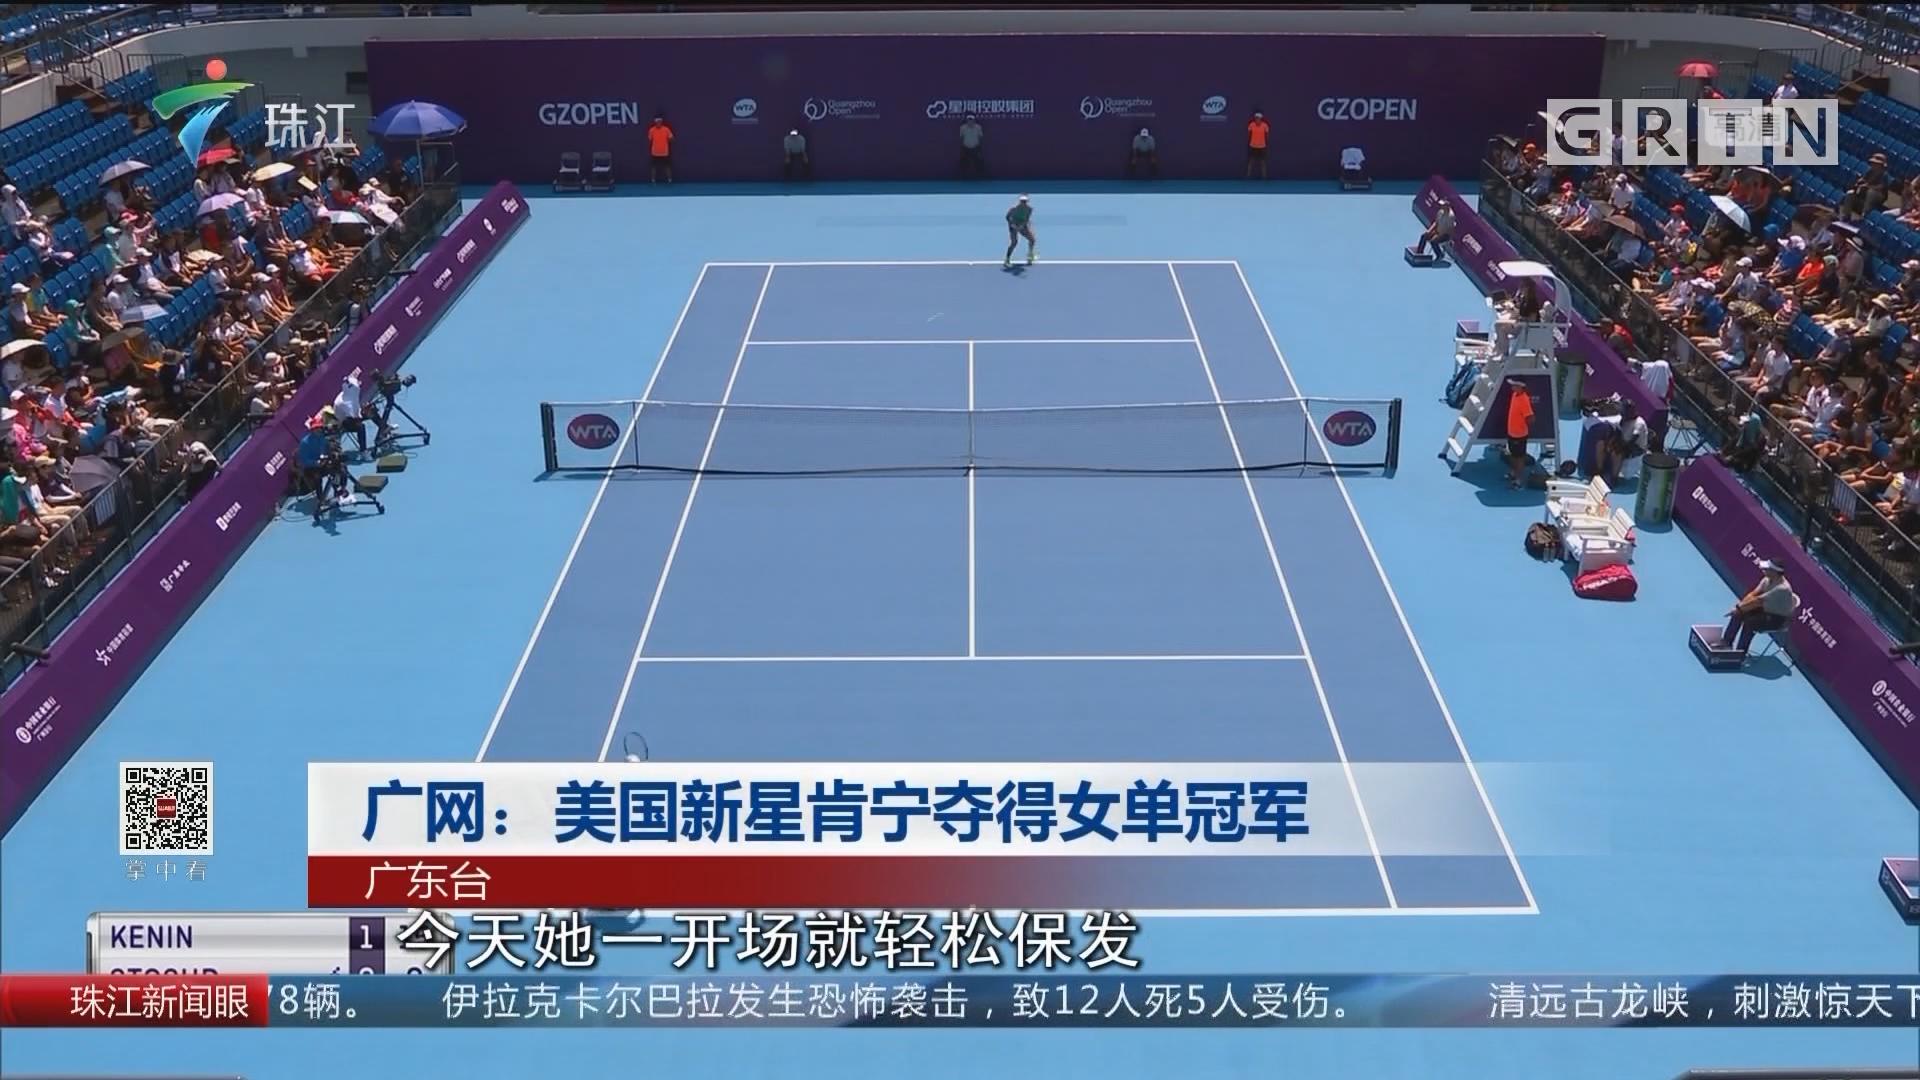 广网:美国新星肯宁夺得女单冠军